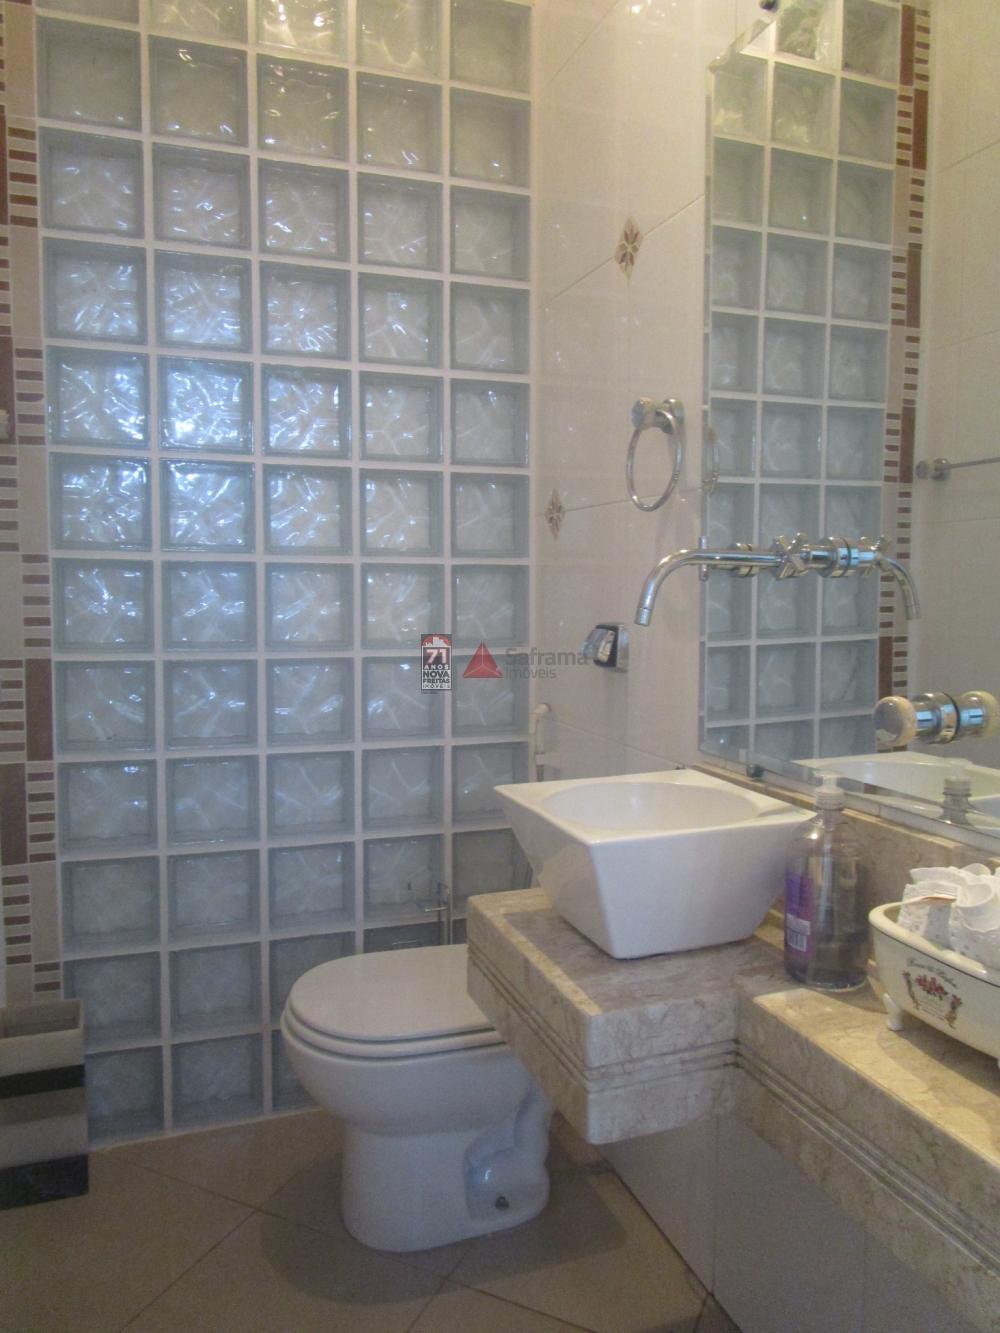 Comprar Casa / Sobrado em Condomínio em São José dos Campos apenas R$ 2.200.000,00 - Foto 15